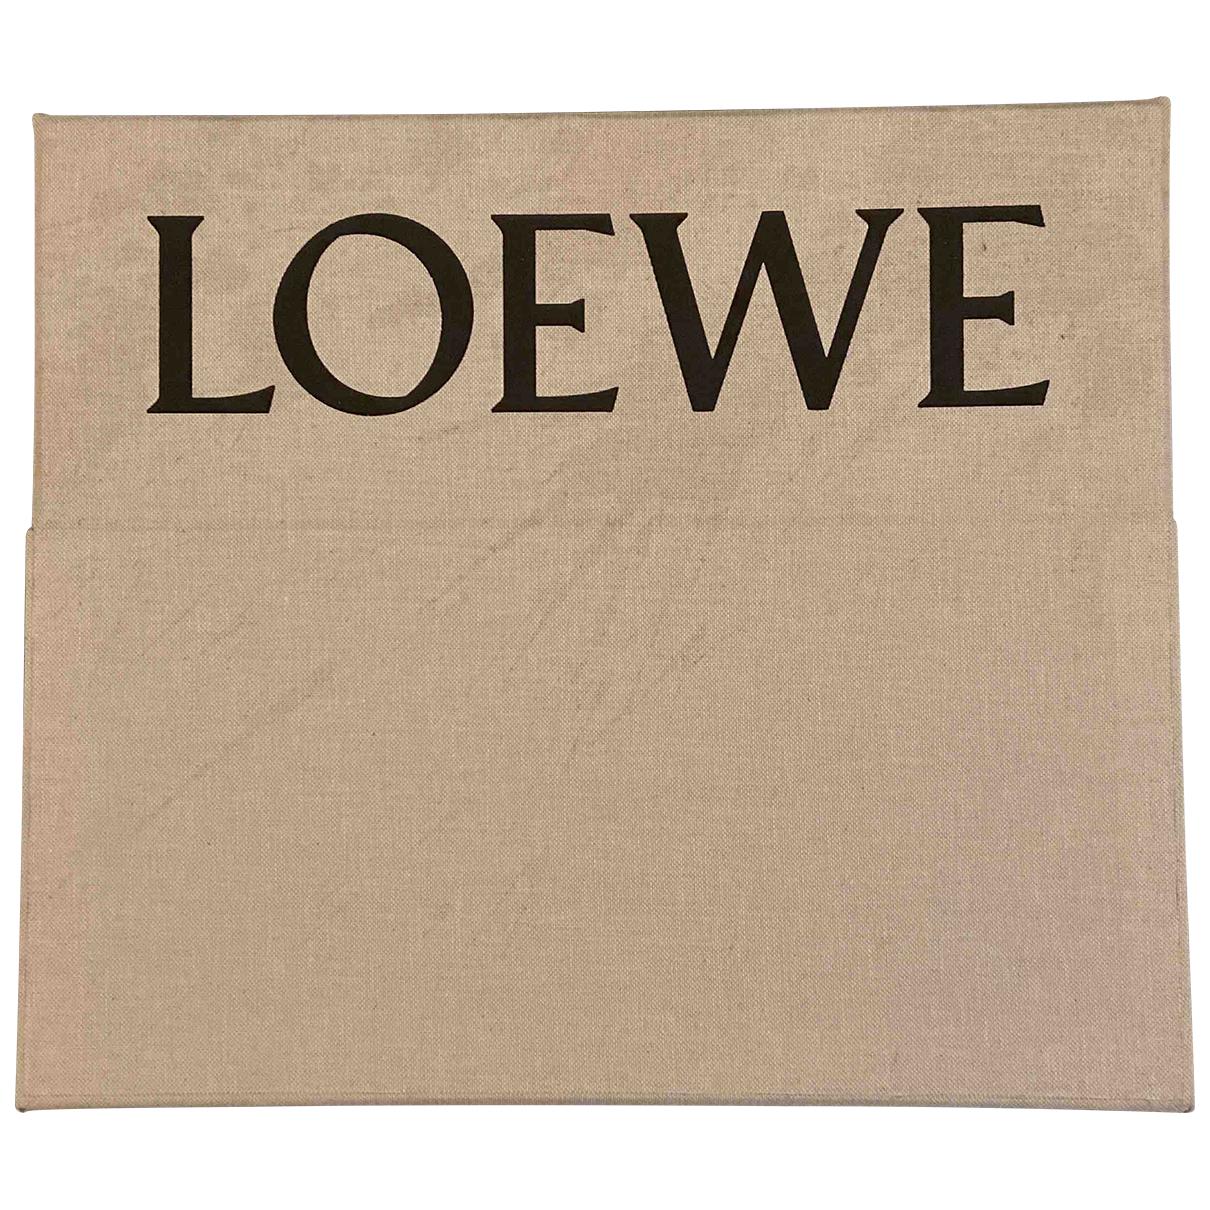 Loewe - Art   pour lifestyle en coton - beige